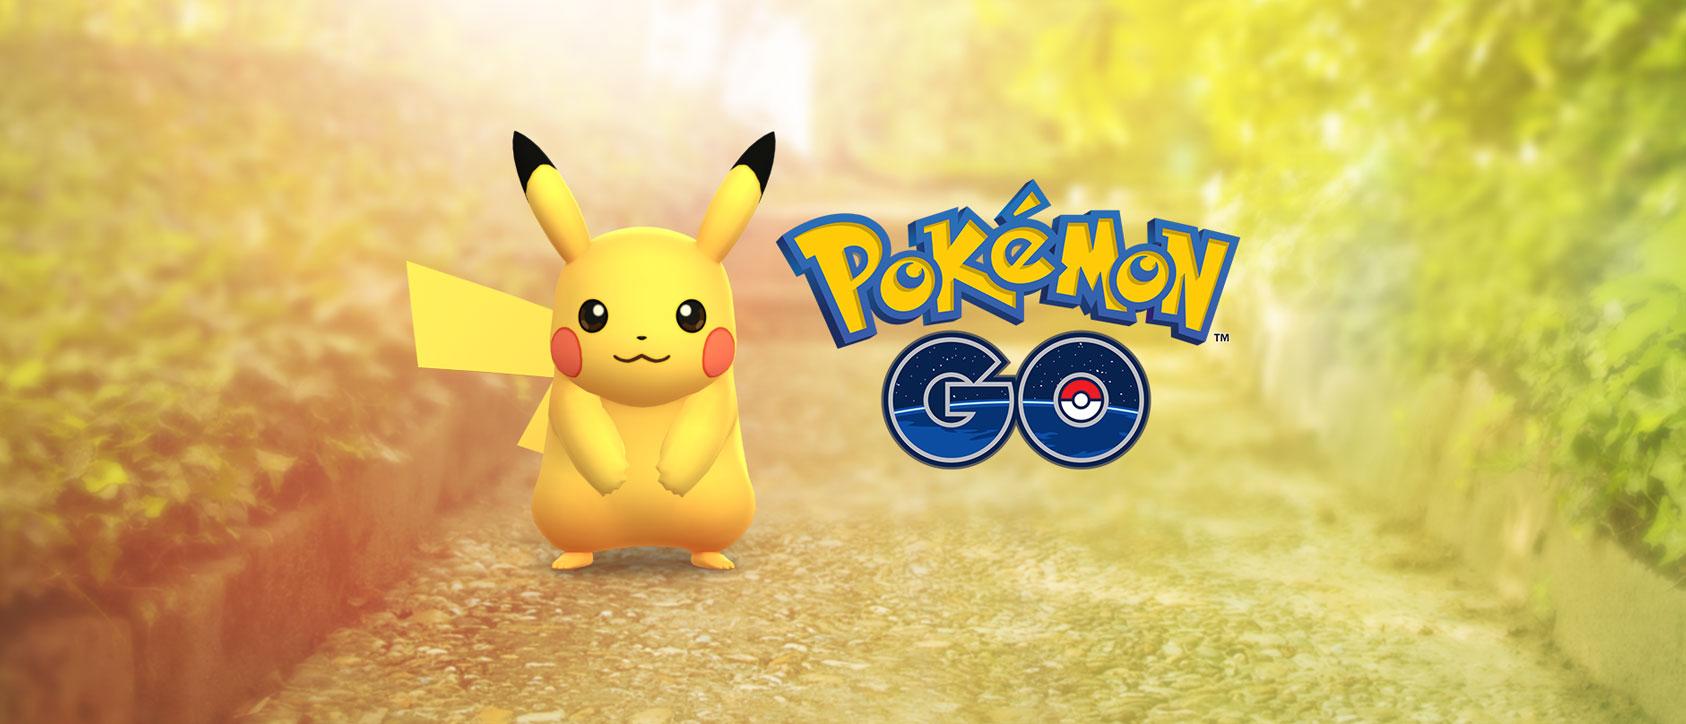 Pokémon Go: Code für 10 Sananabeeren, 10 Niantic-Sticker, 20 Hyperbälle und ein Sternenstück (Android/iOS)